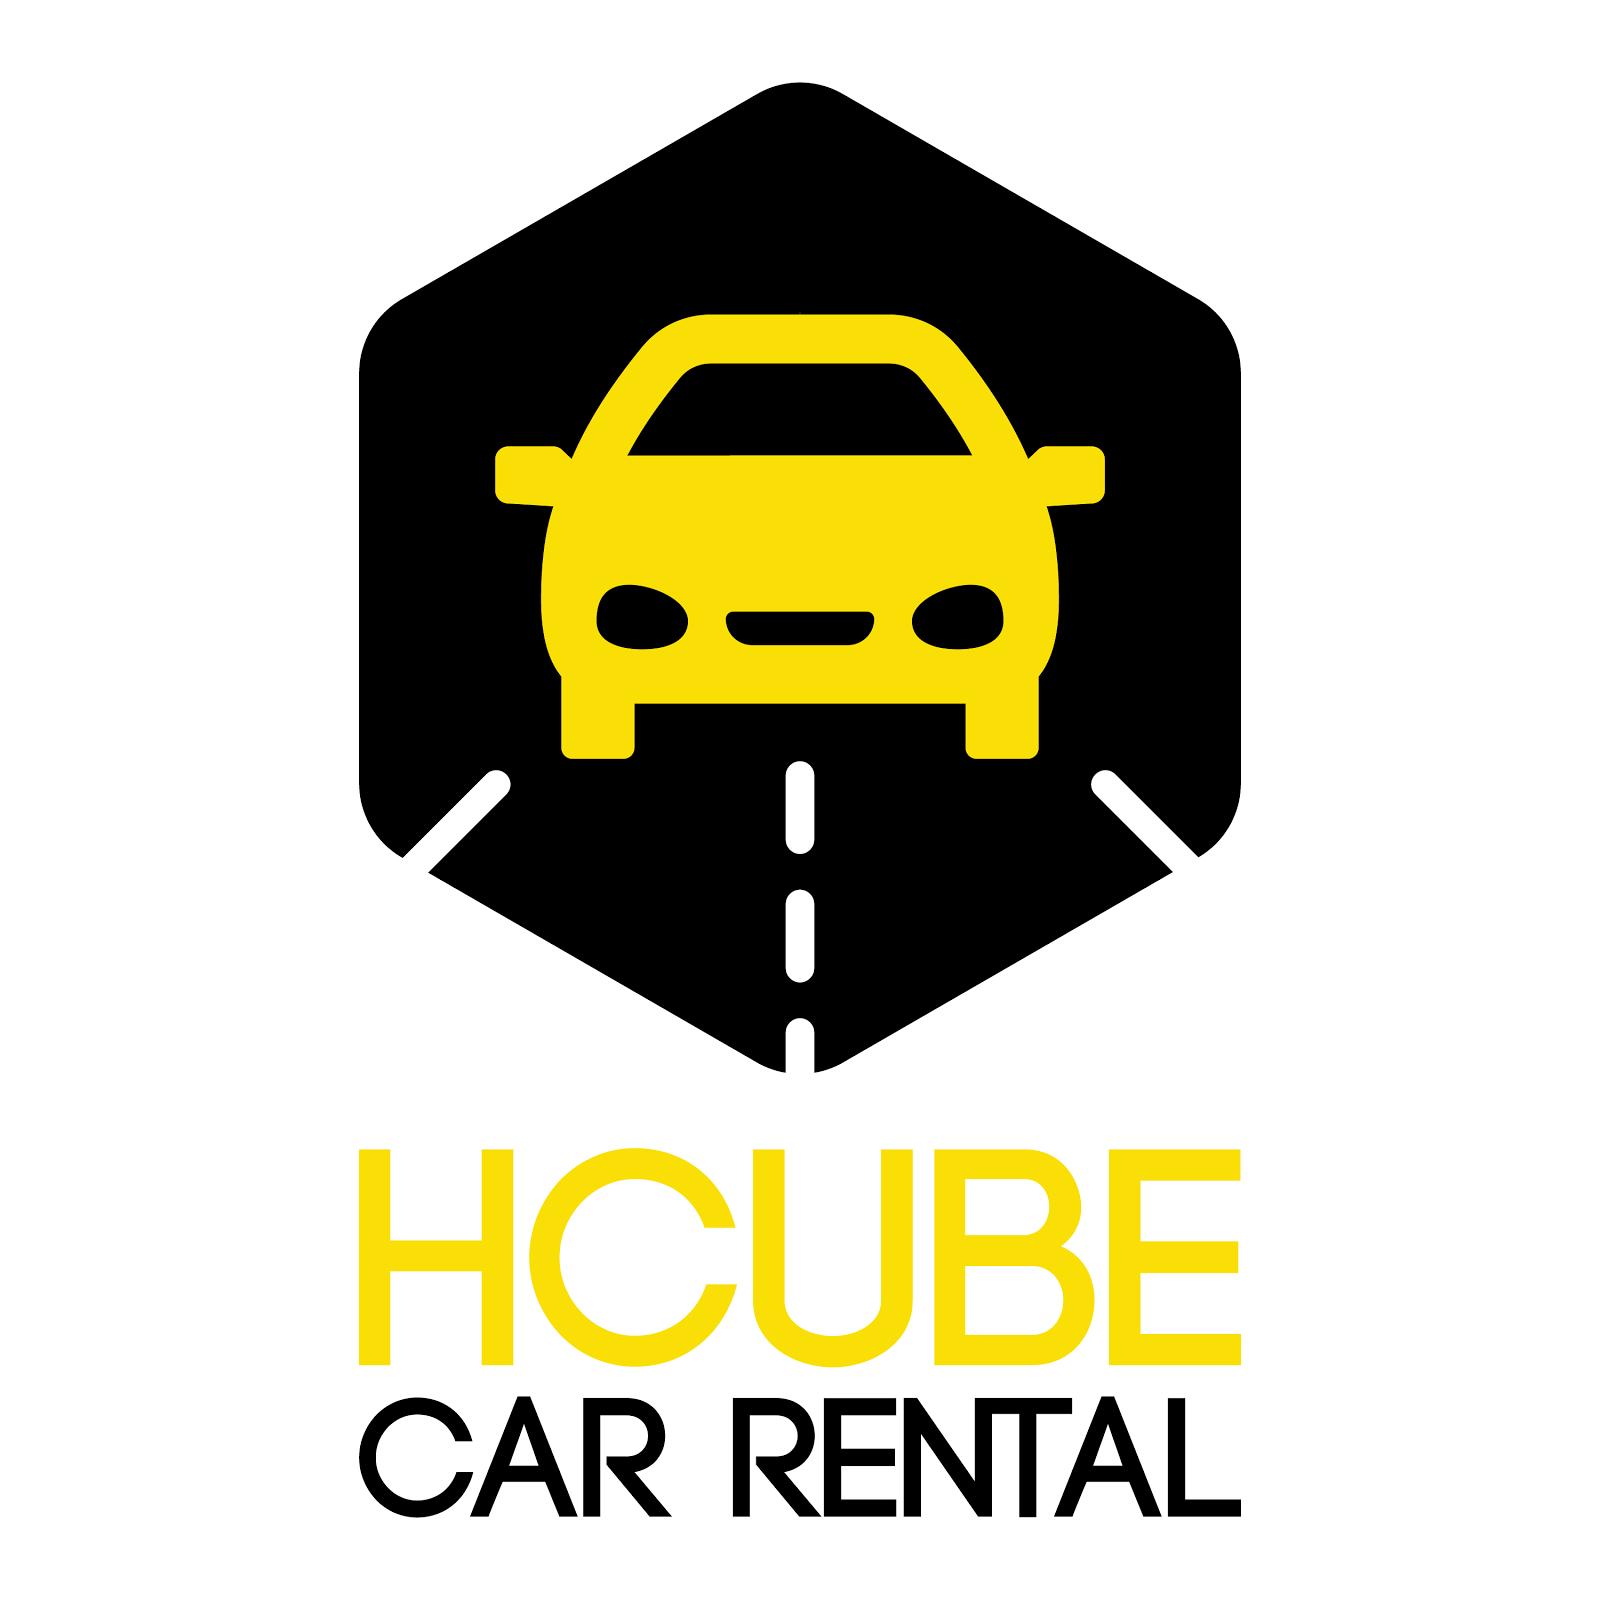 HCube Car Rental - Kereta Sewa Kuala Lumpur/Gombak/Batu Caves/Uiam/Selayang/WangsaMaju/Ampang